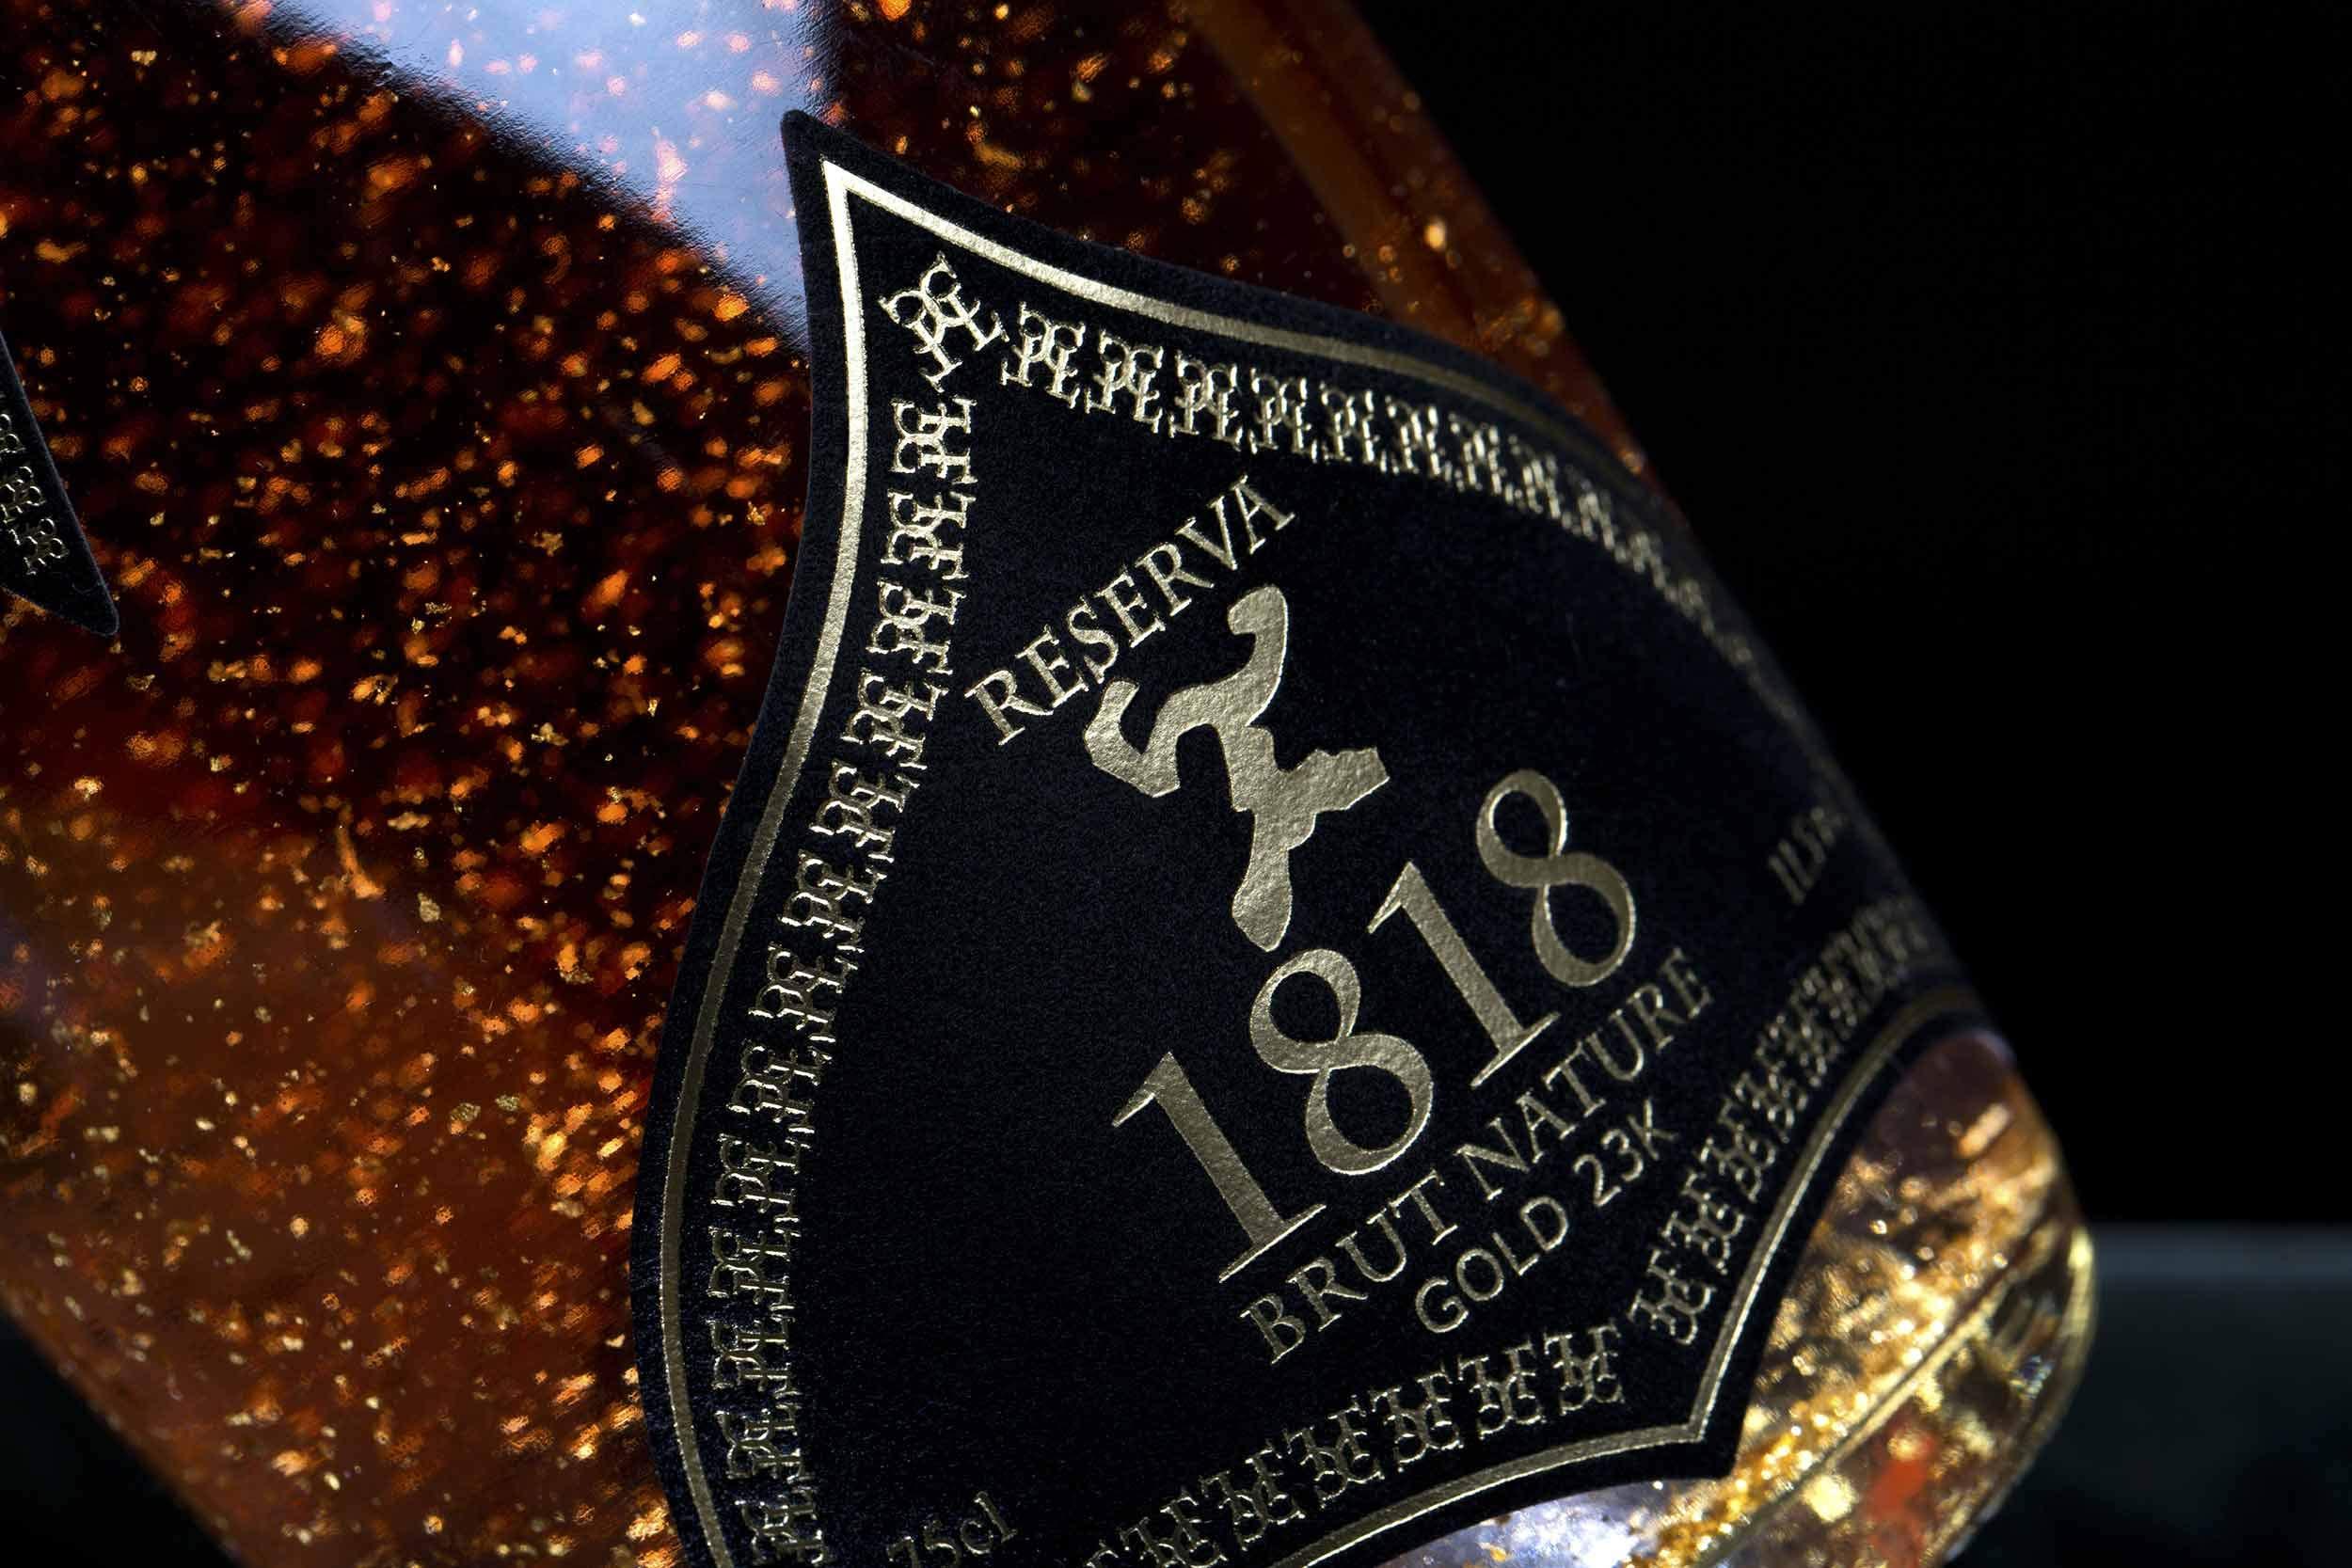 Champagner-Rose-Geschenk-1818-Special-Gold-Cuve-Exklusiv-Brut-Nature-23-Karat-Blattgold-Original-Frau-Luxus-Geschenkideen-Traditionellen-Champenoise-Methode-Ohne-Geschenkverpackung